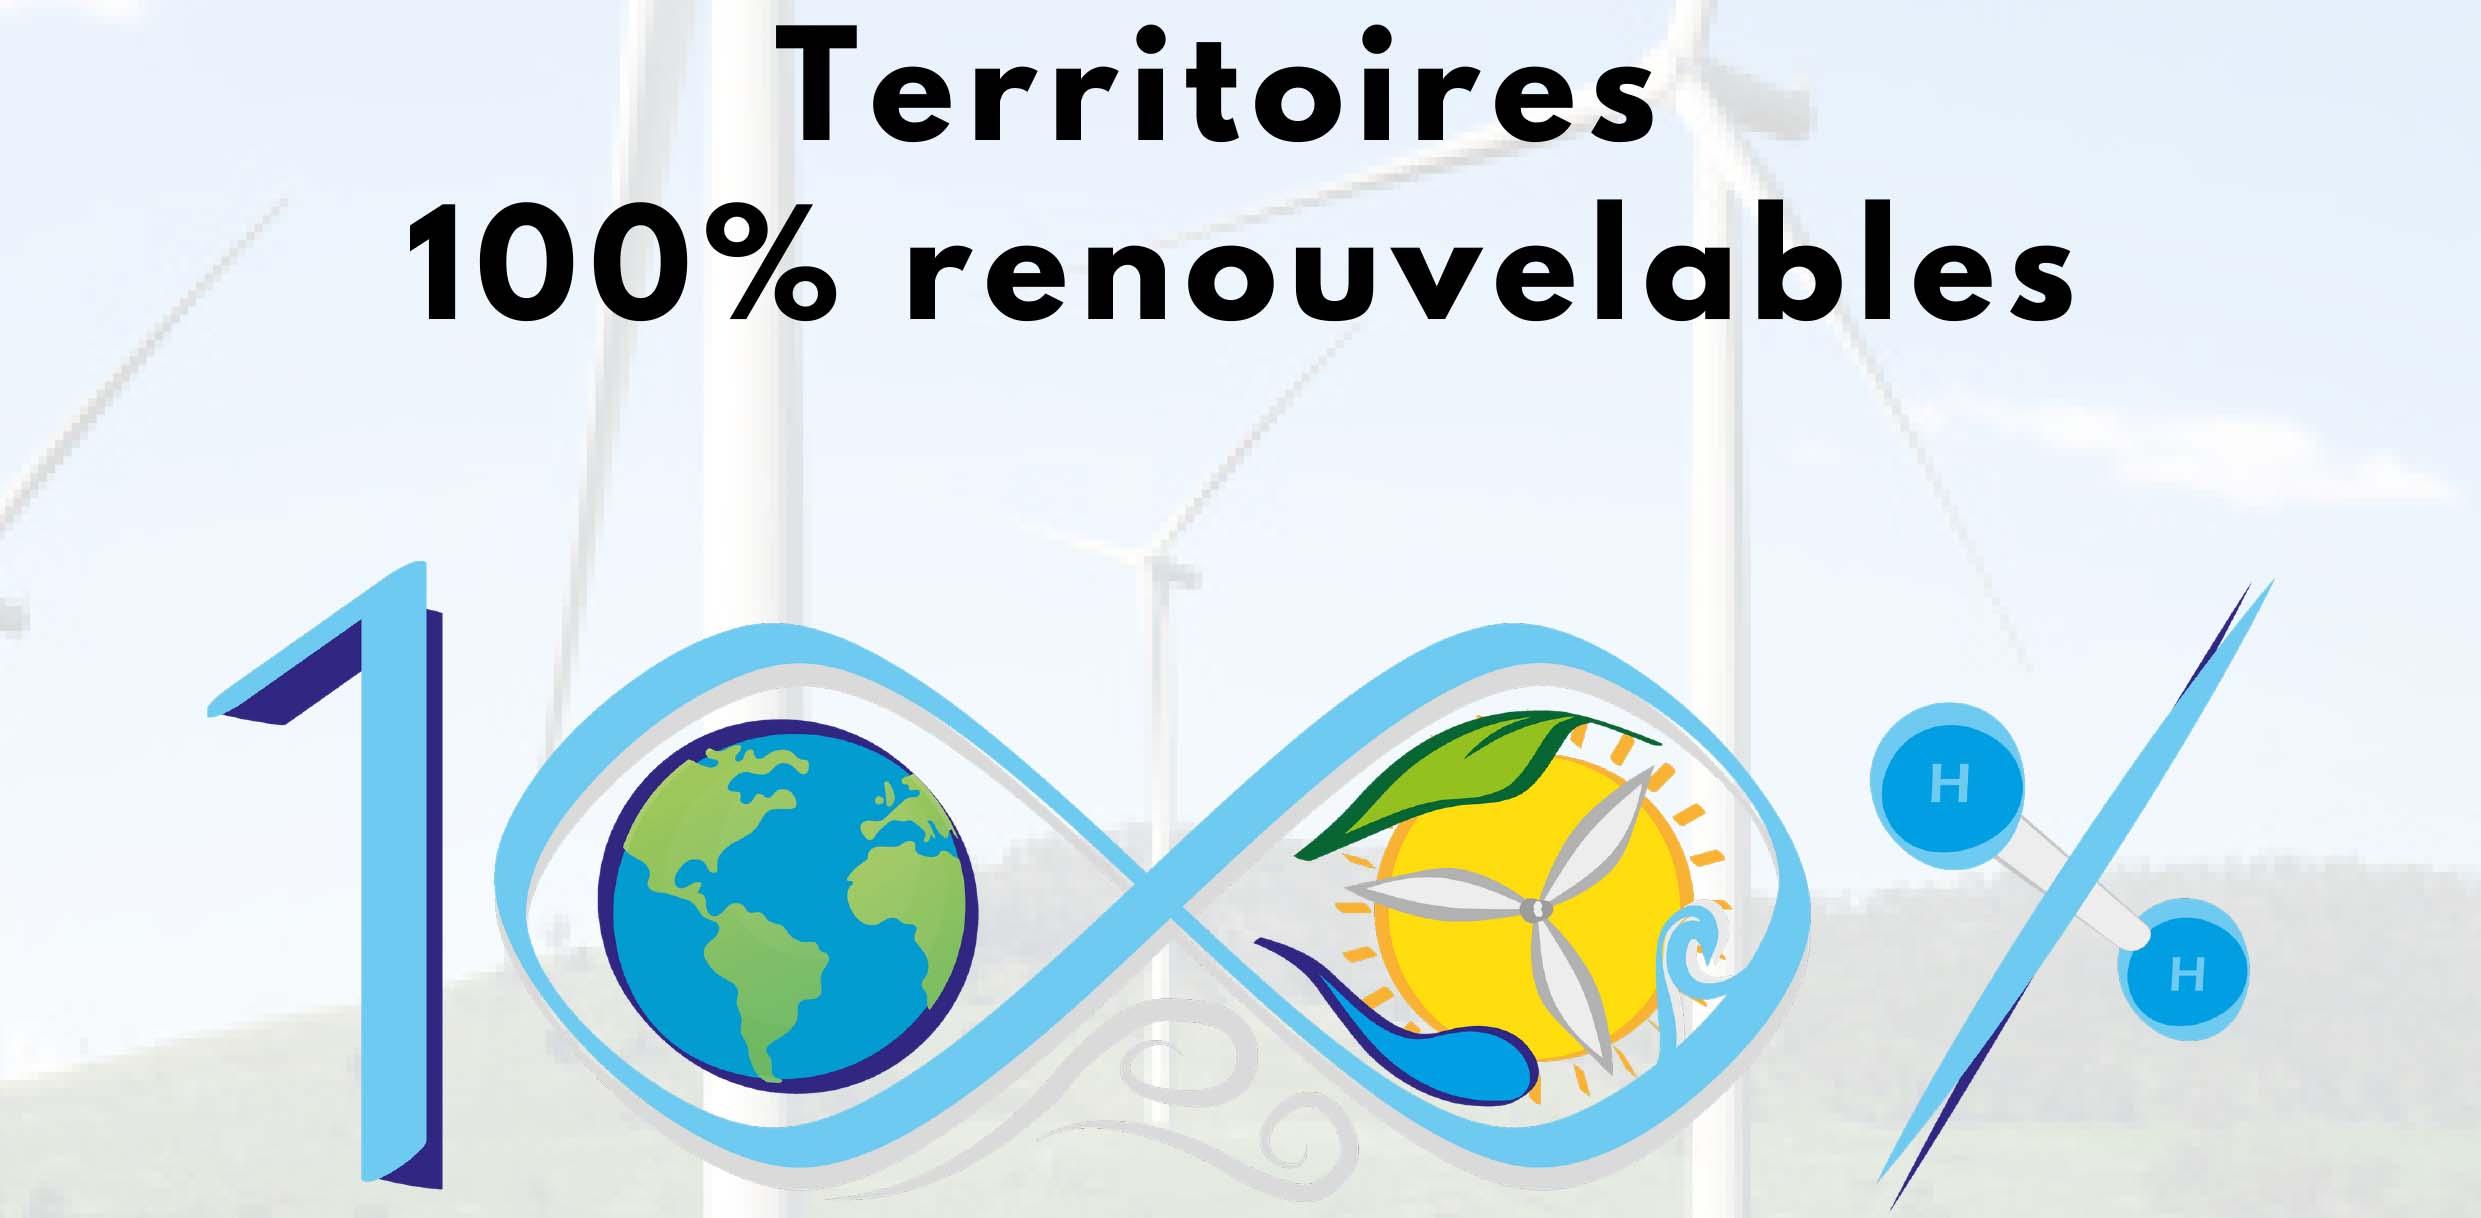 Territoires 100% renouvelables